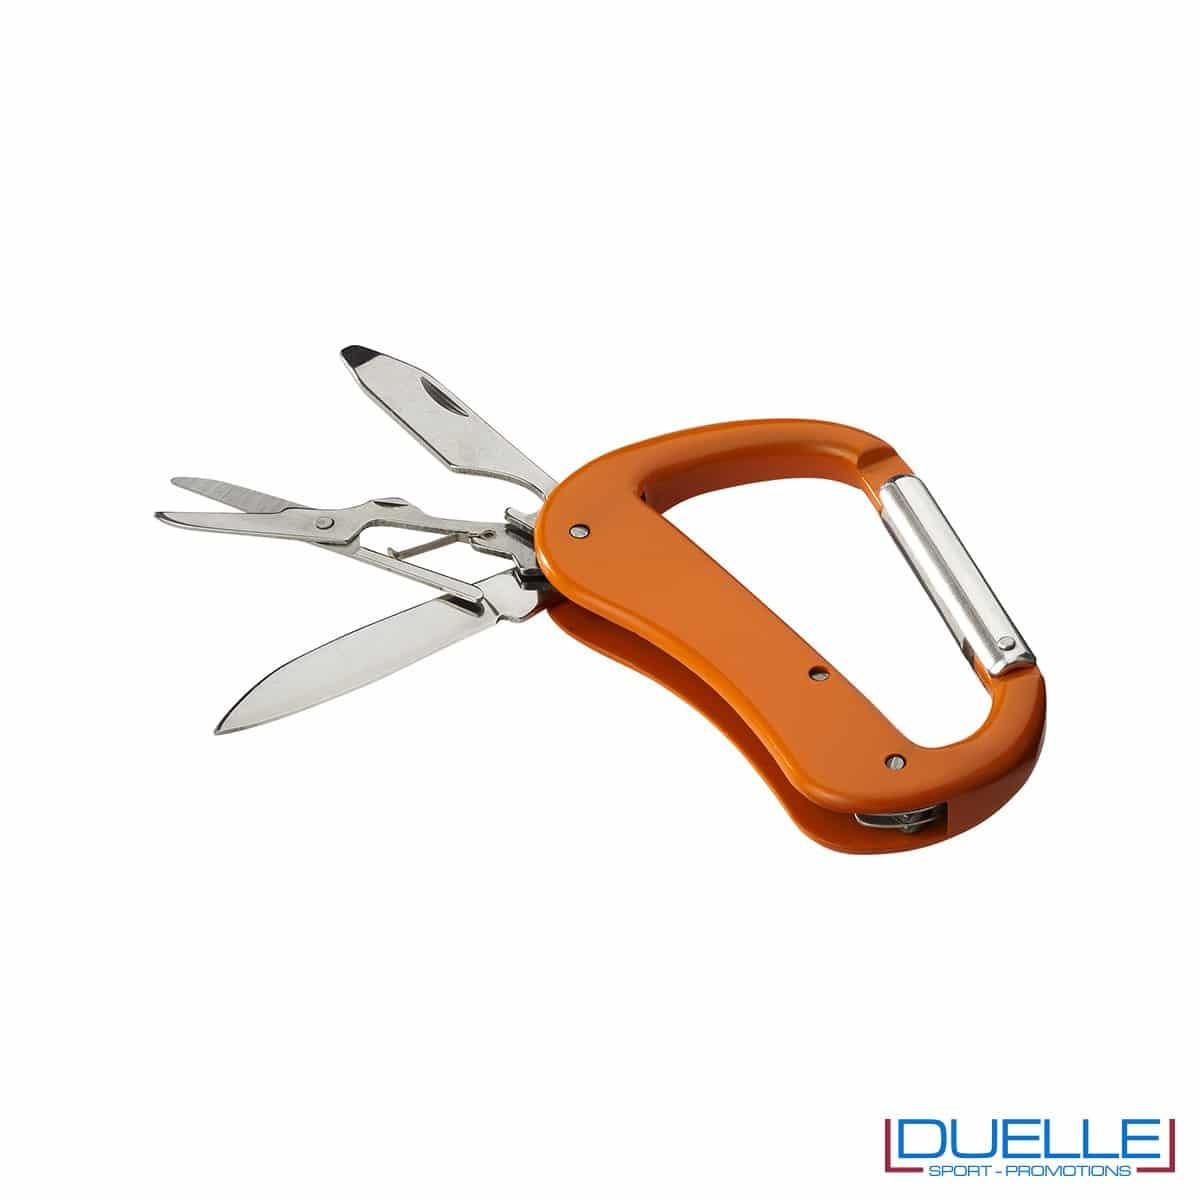 Coltellino 5 funzioni con moschettone personalizzato colore arancione